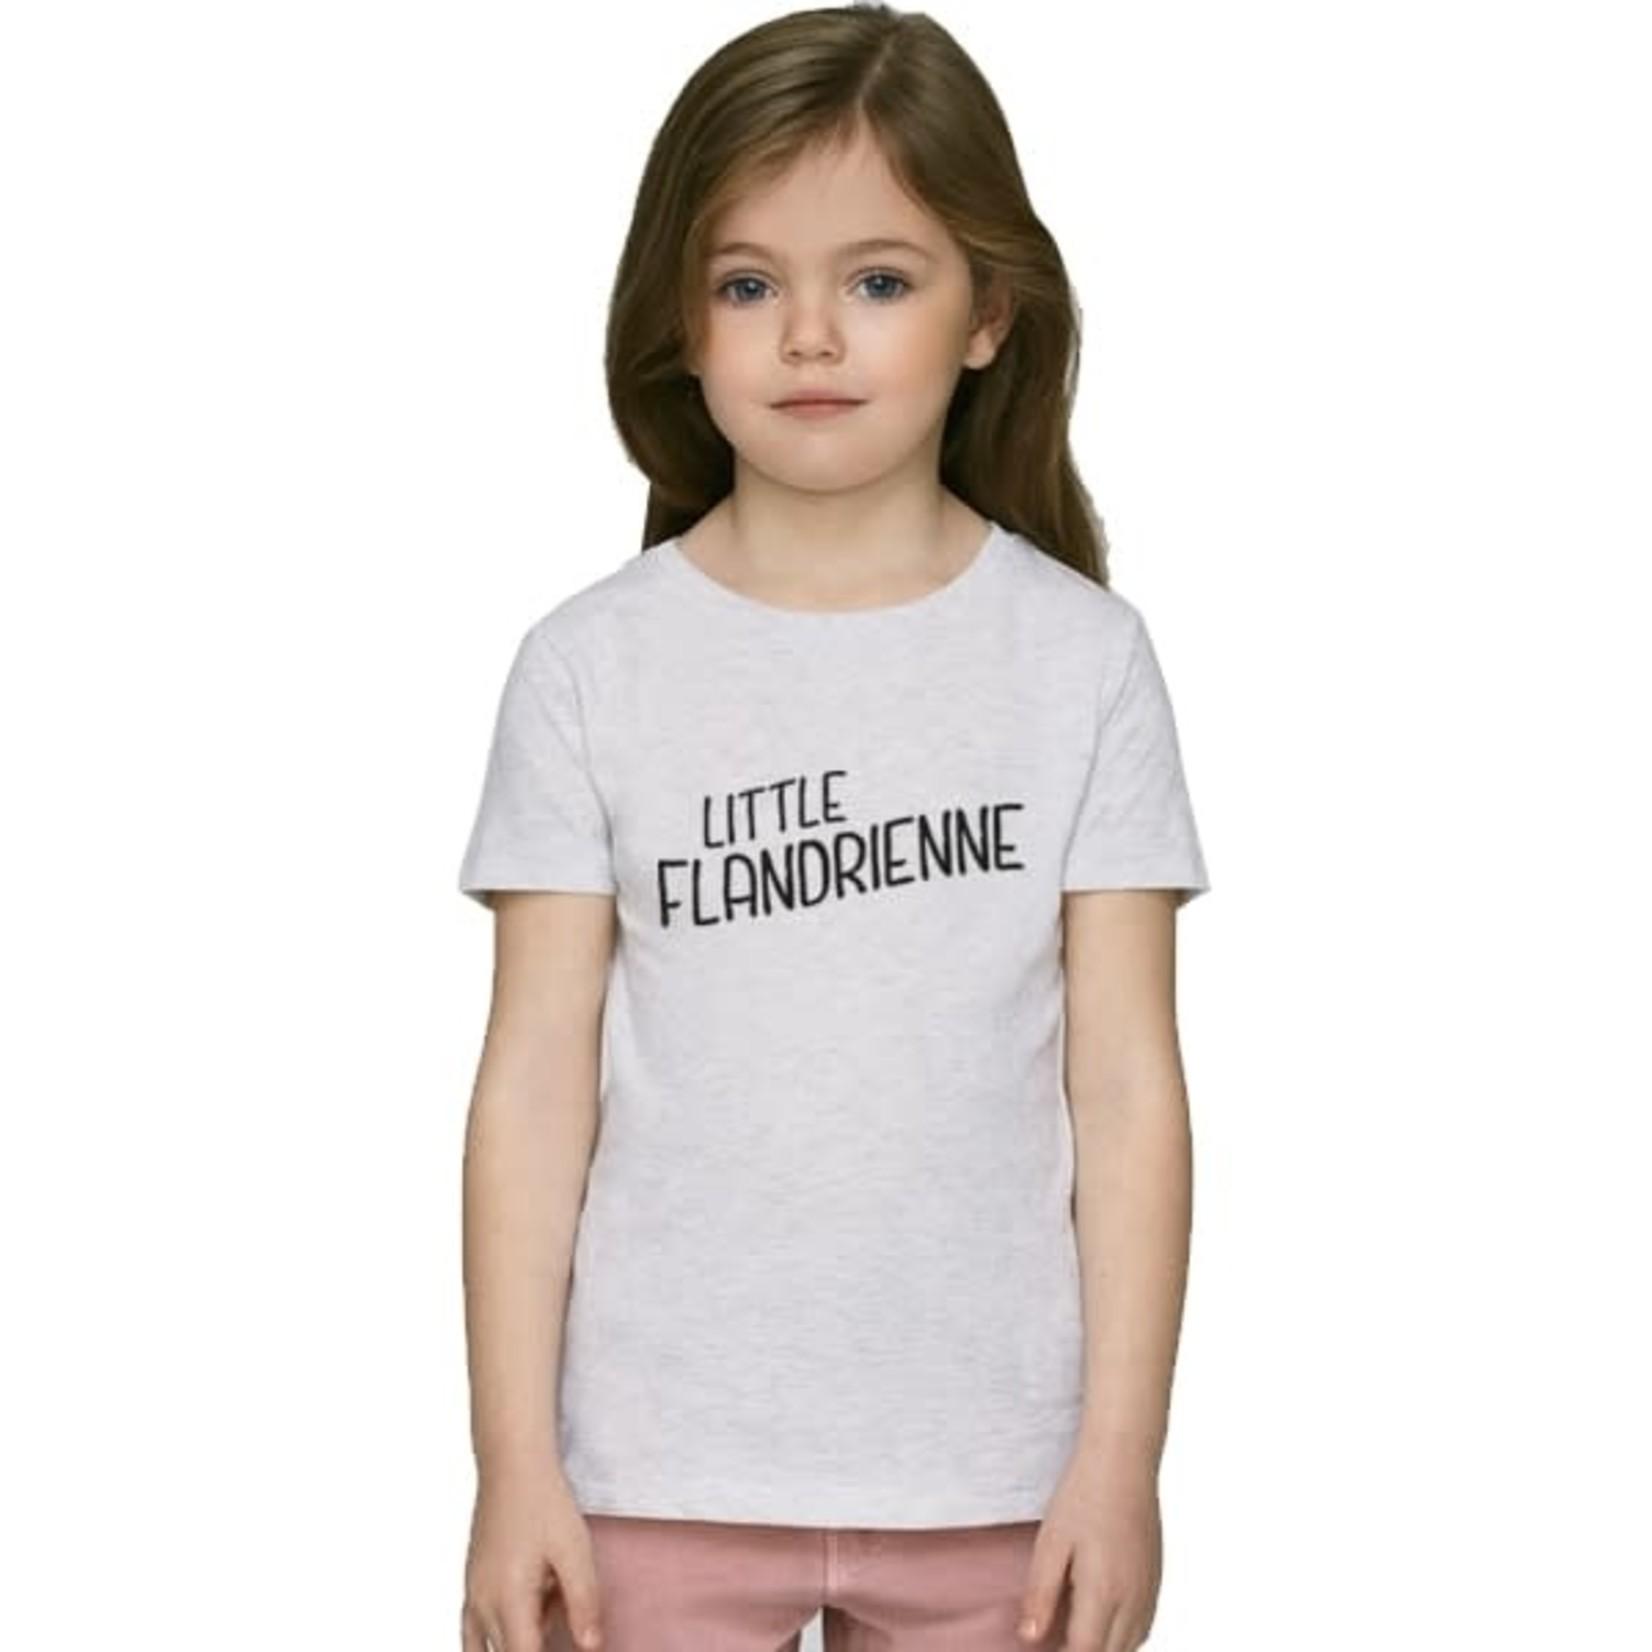 T-shirt 'Little Flandrienne'